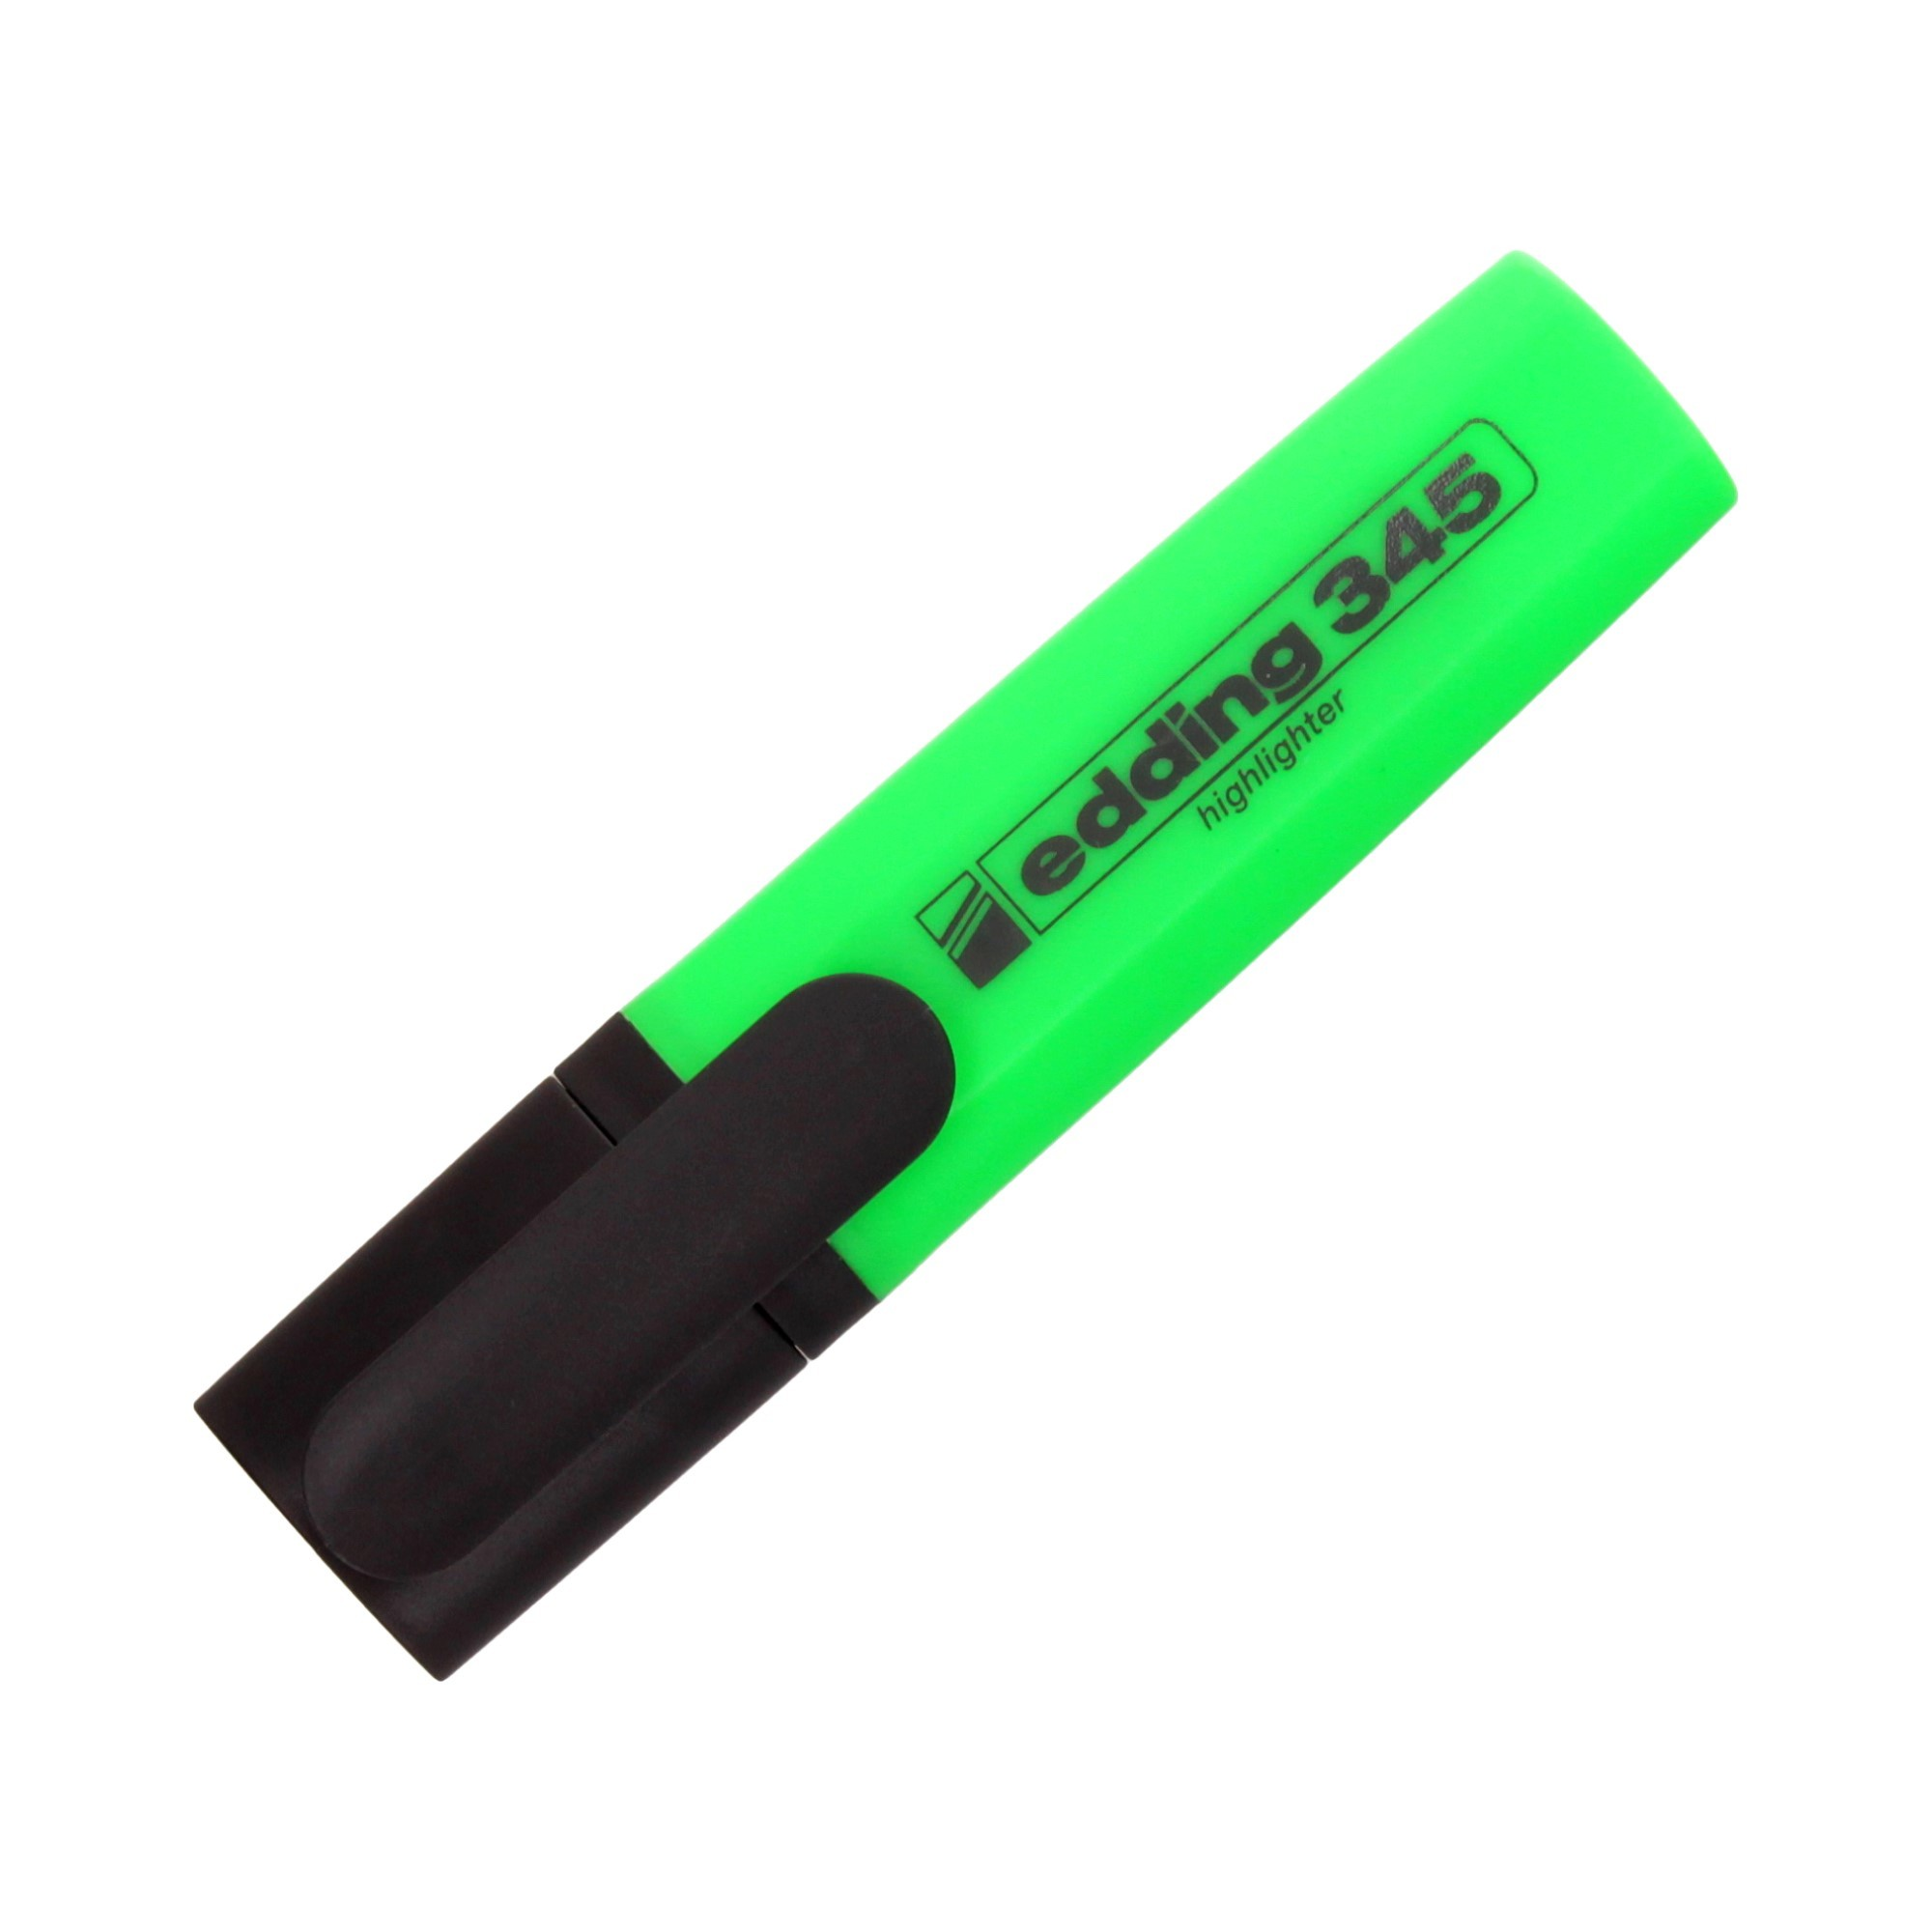 Zakreślacz zielony Edding 345